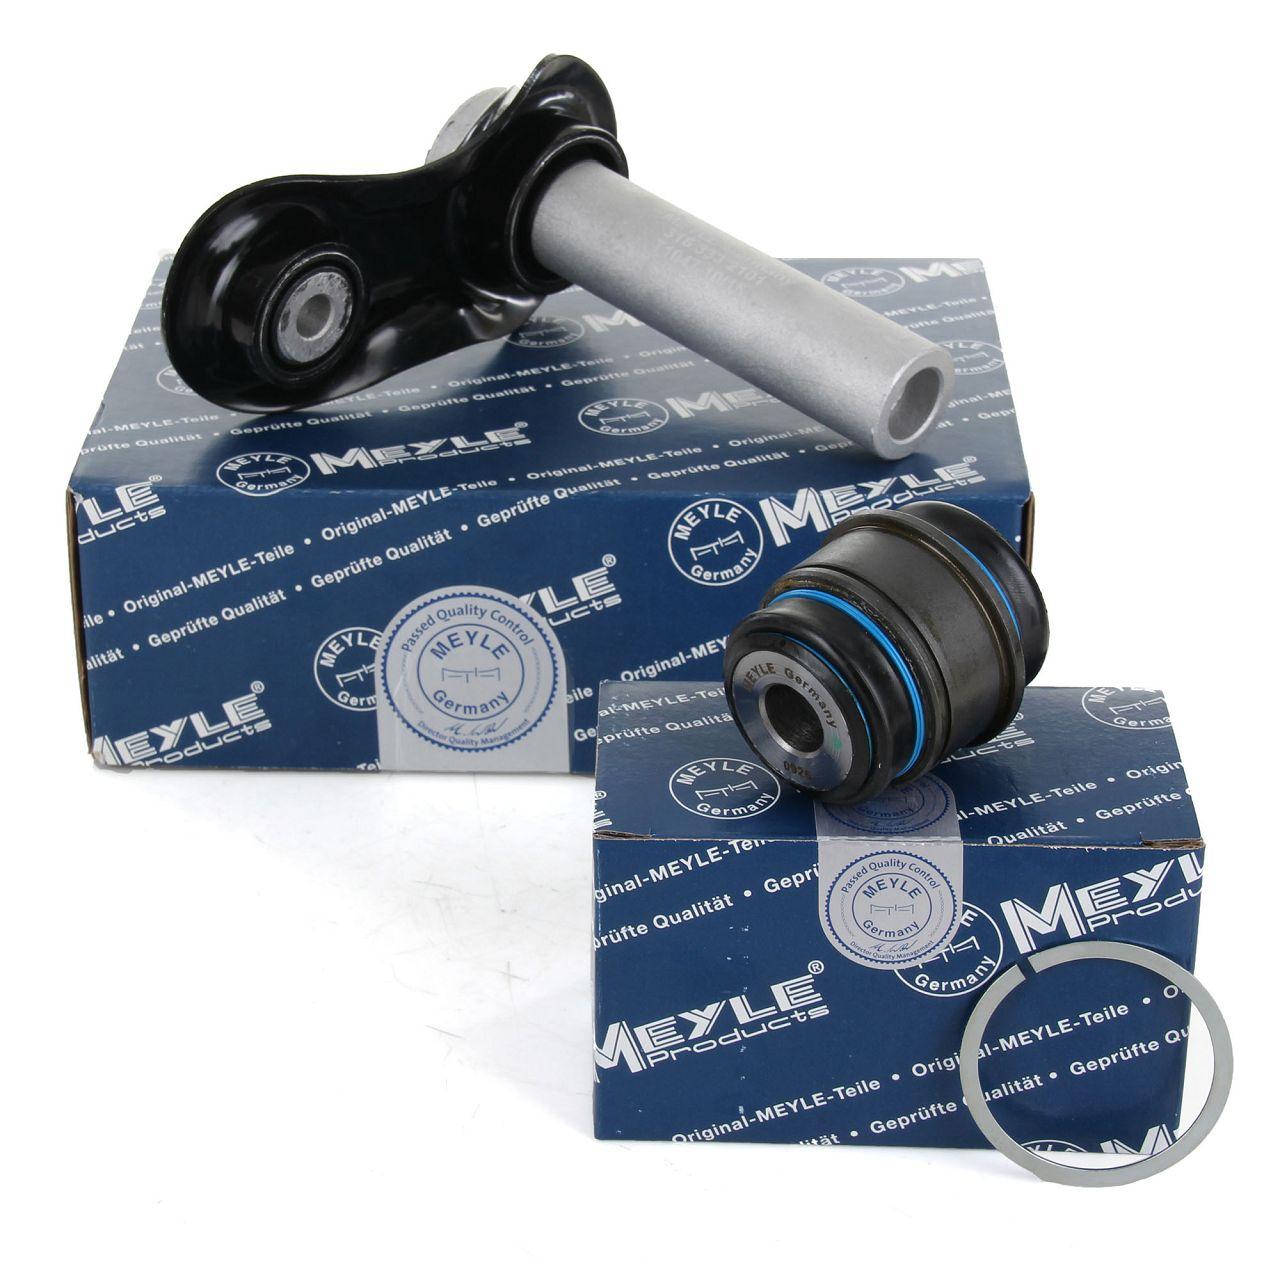 MEYLE Kugelgelenk + Integrallenker für BMW E39 E60 E61 E63 E64 E38 E65-67 hinten